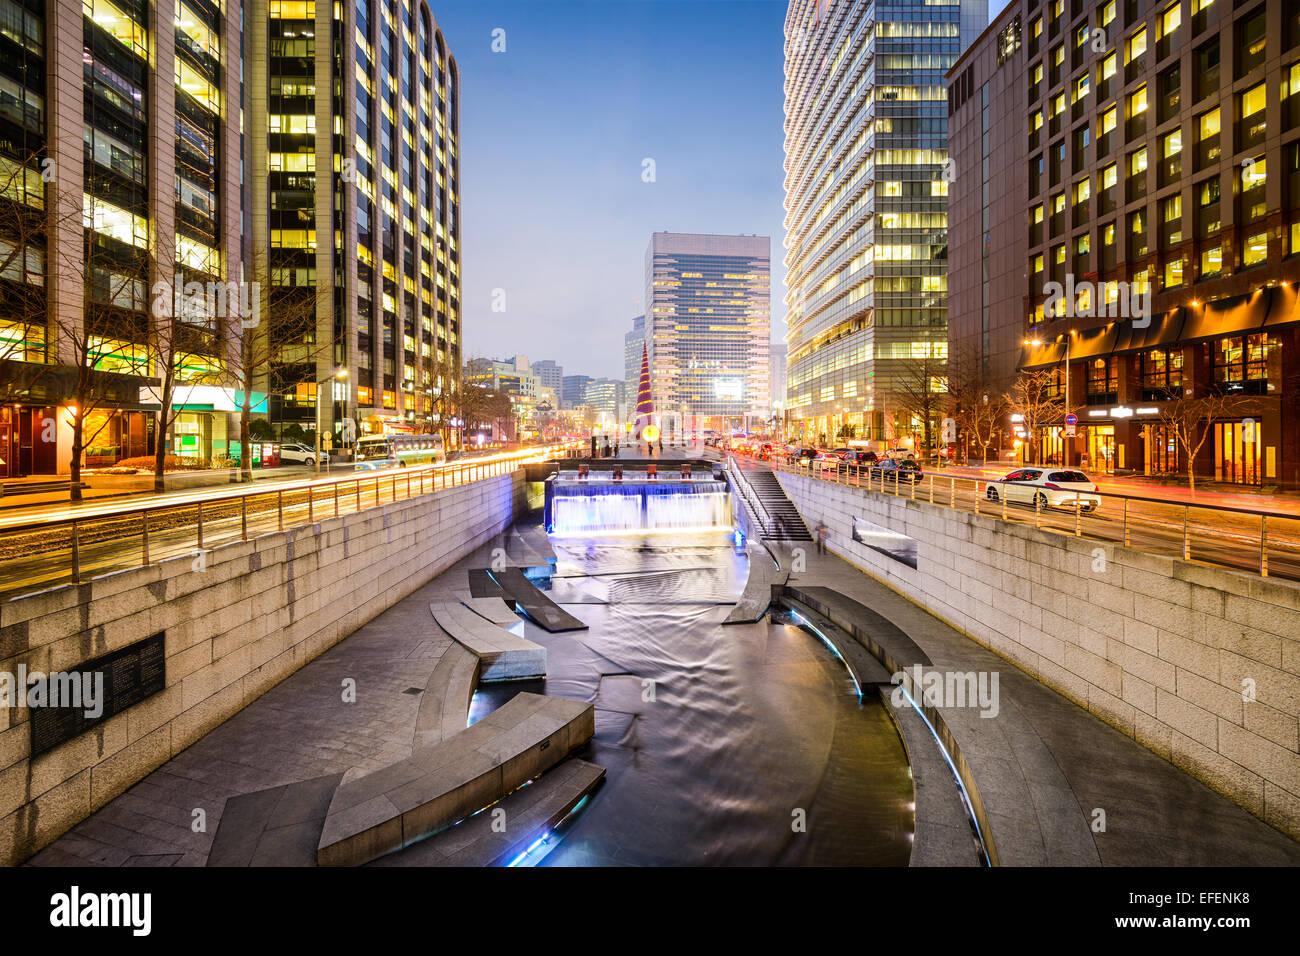 Seúl, Corea del Sur paisaje urbano en Arroyo Cheonggye durante el crepúsculo. Imagen De Stock